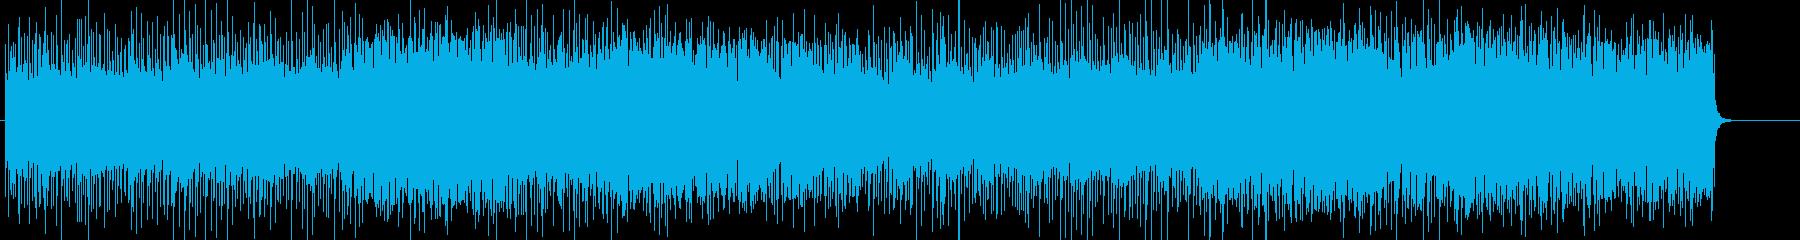 「ハードロック、ROCK」BGM219の再生済みの波形